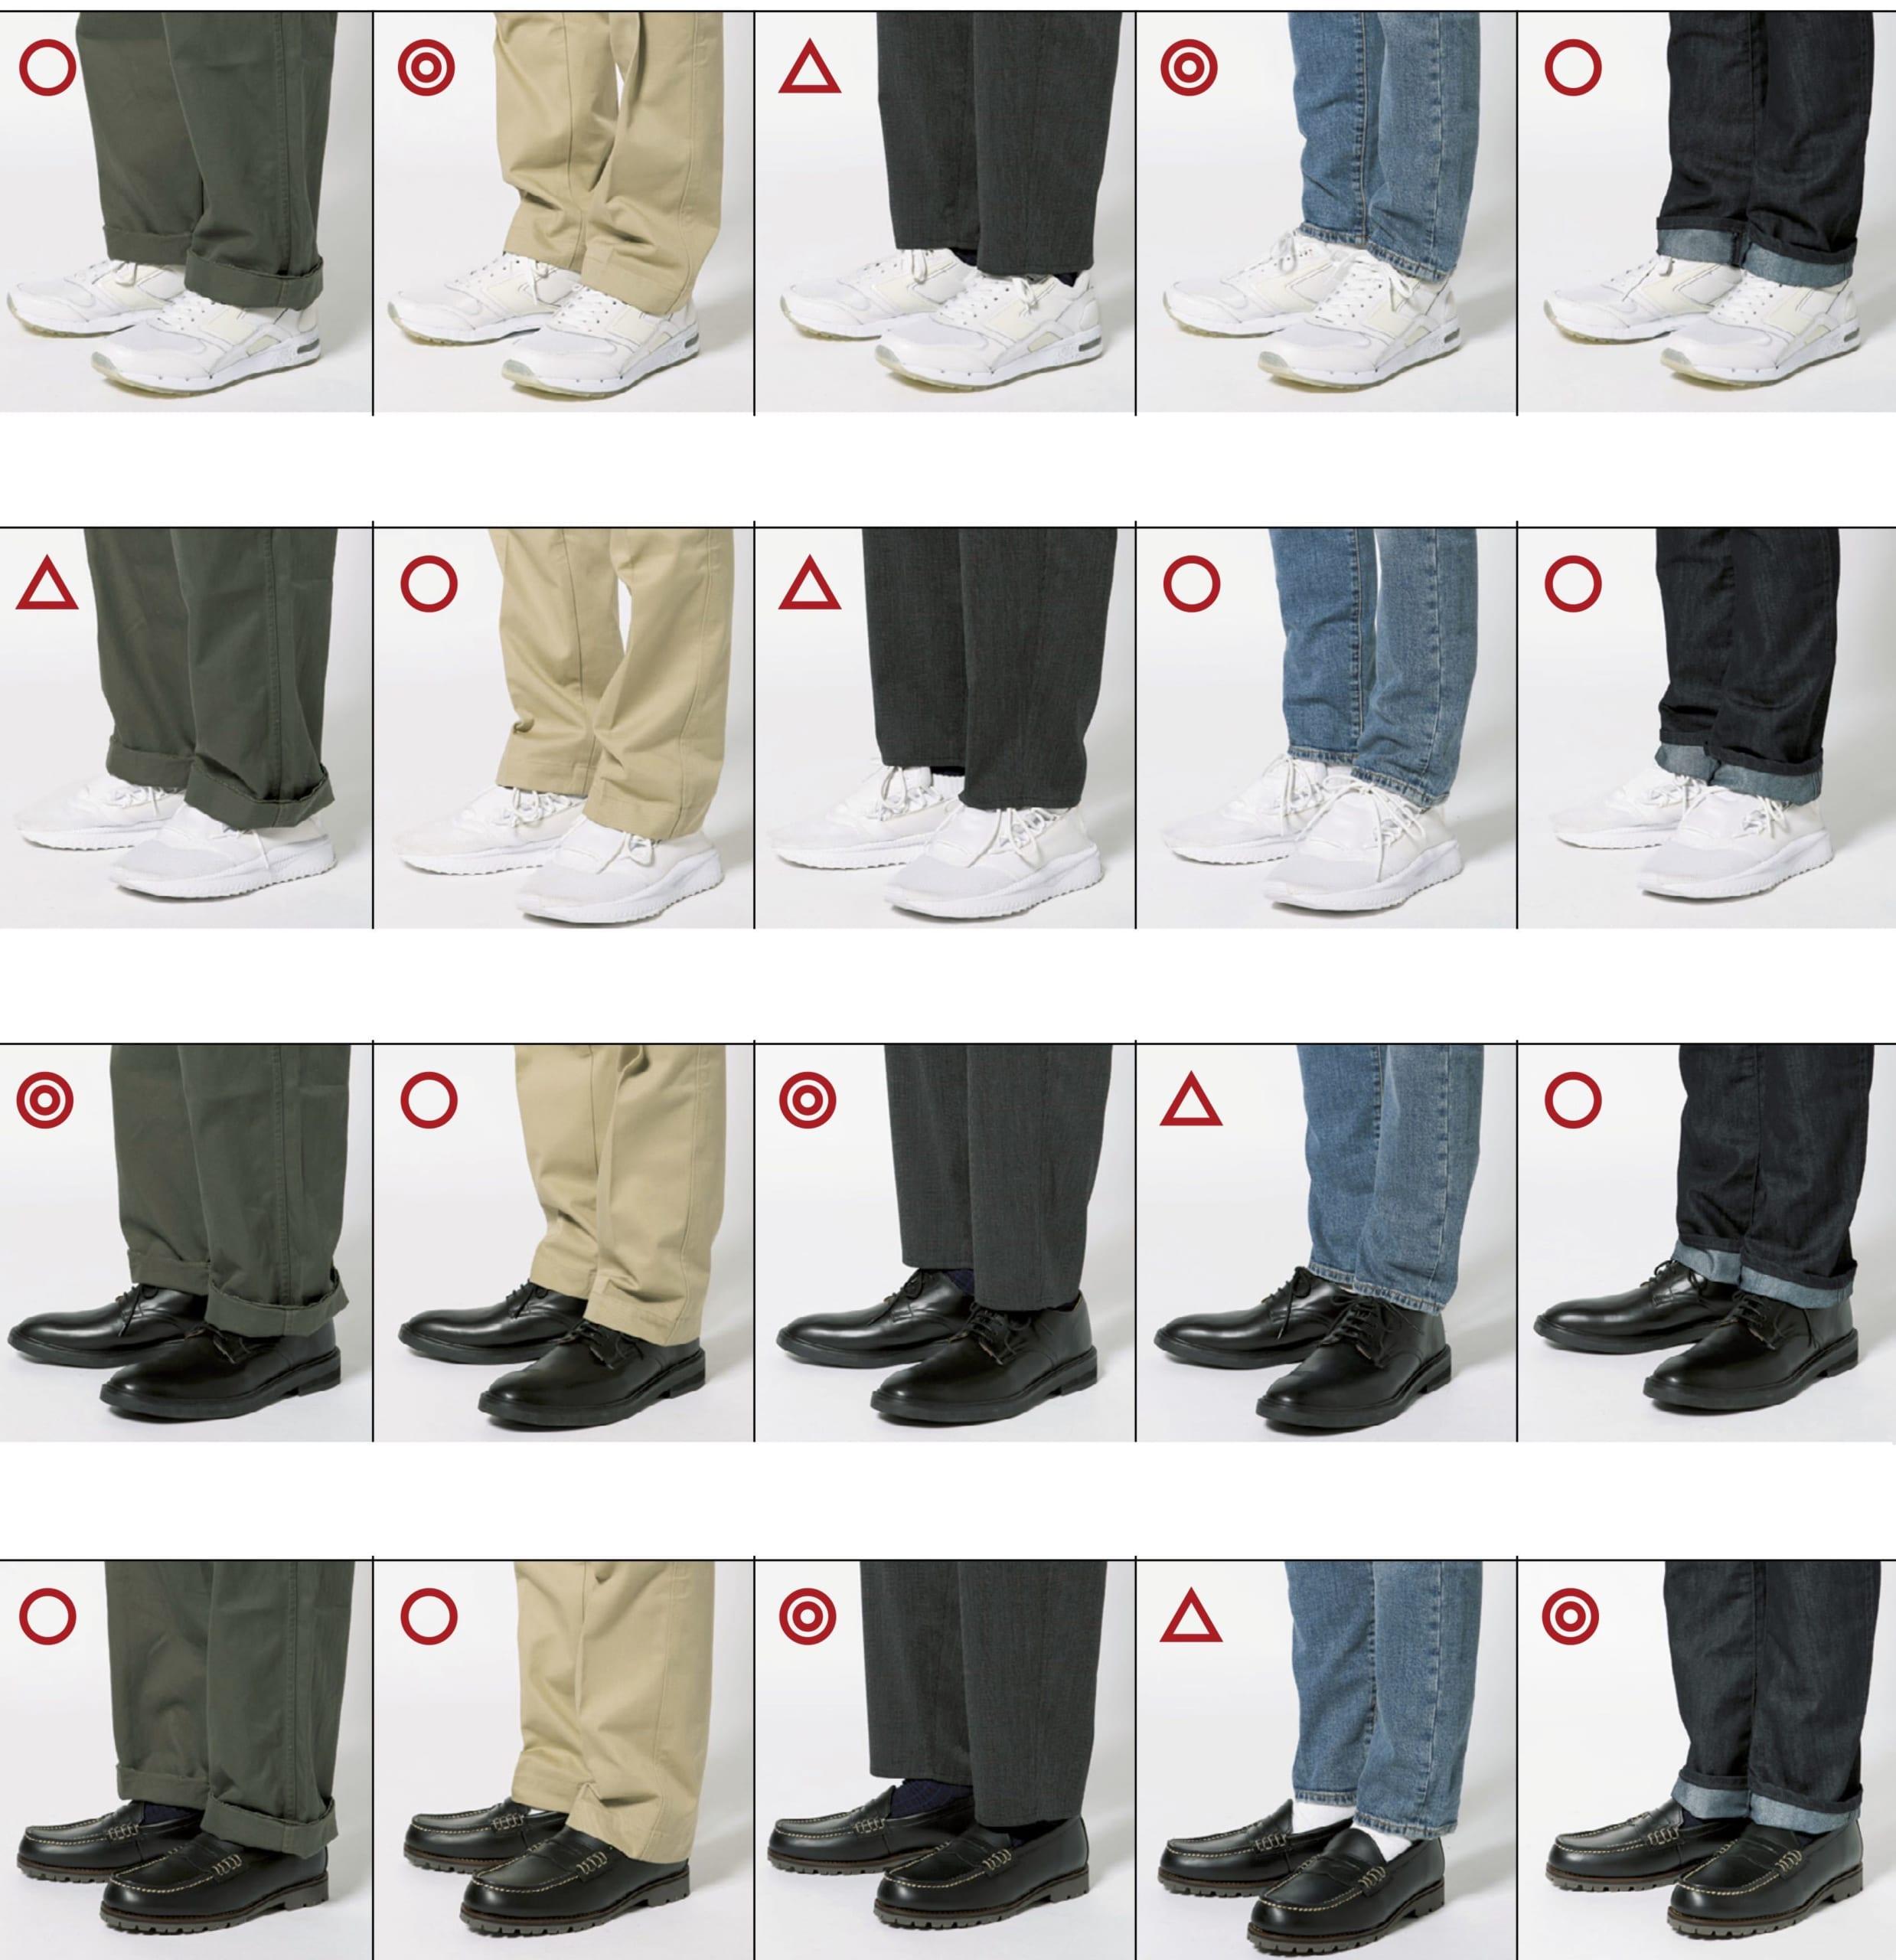 このパンツには何の靴が合うの? 編集部が36のパターンから分析してみたら…。